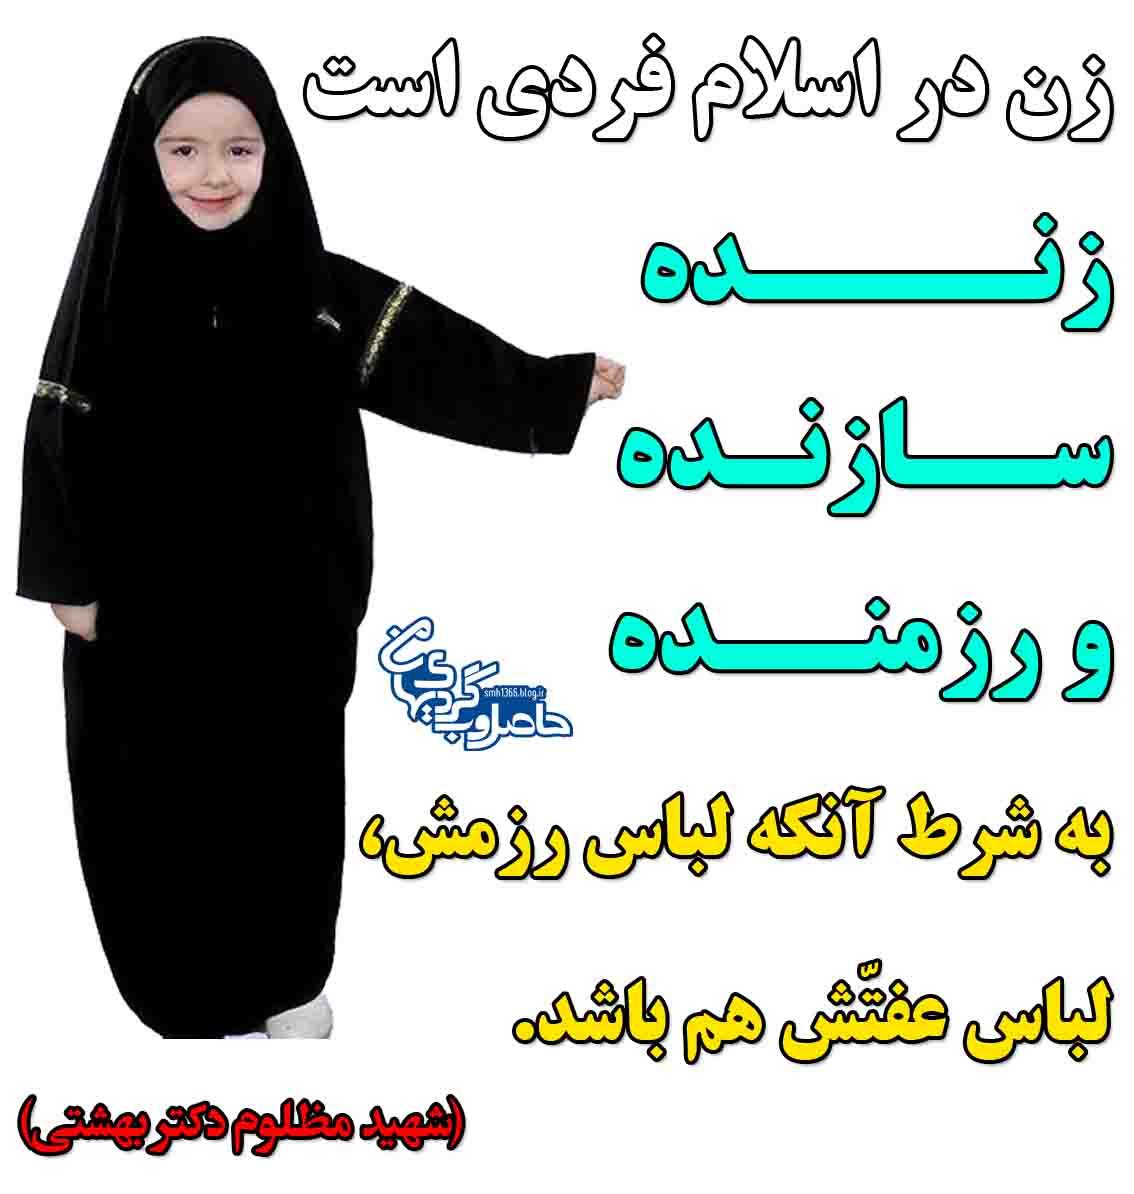 مقام زن در اسلام ...